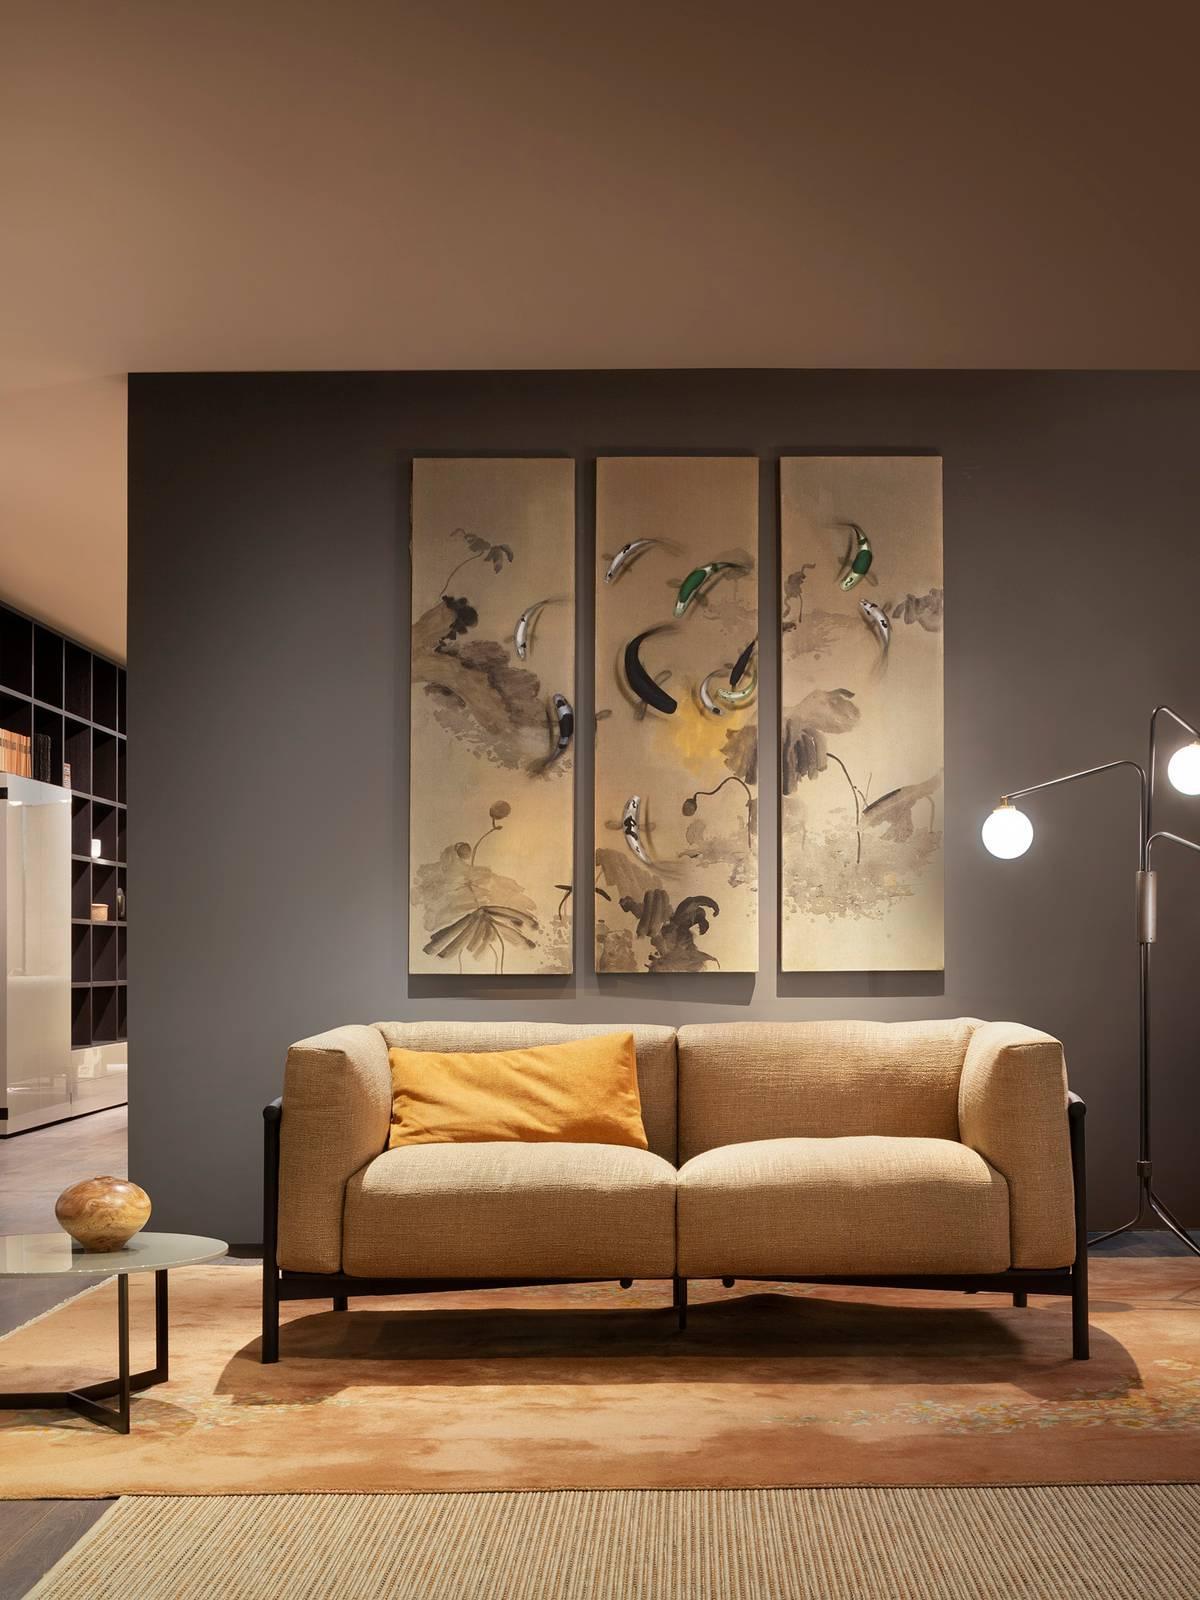 Casa in stile moderno mix tra design contemporaneo e anni for Casa stile contemporaneo